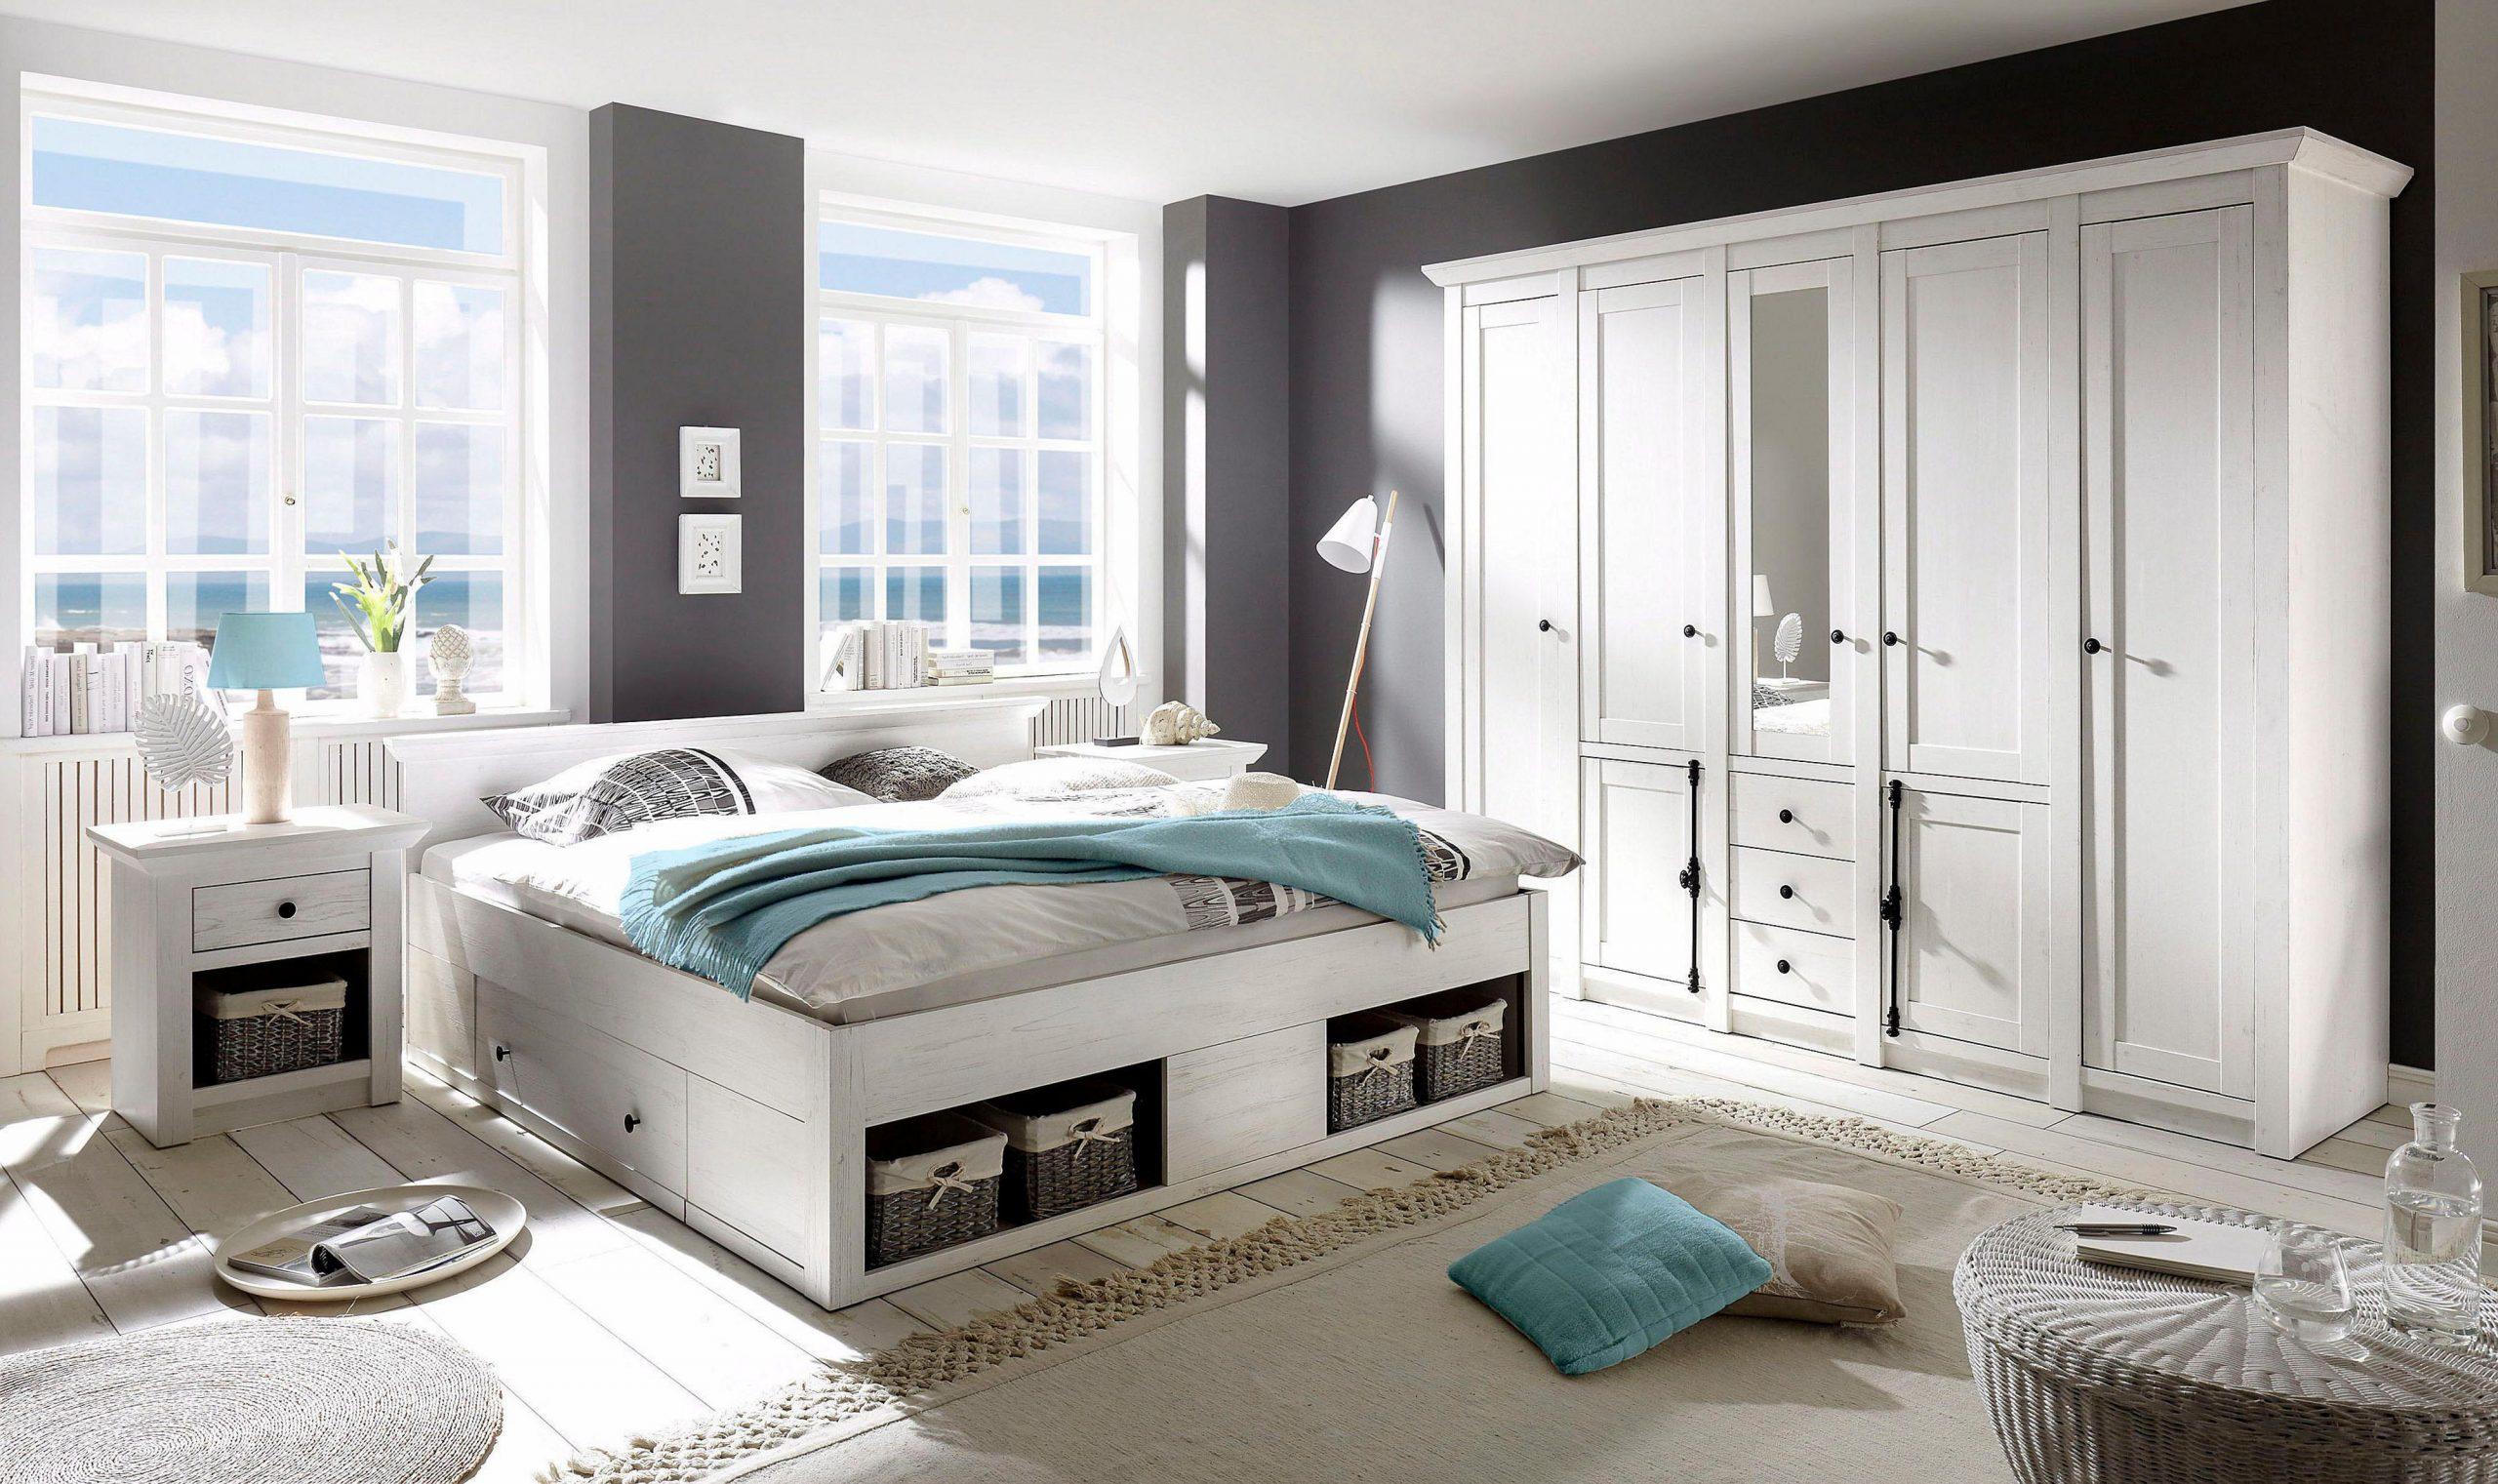 Full Size of Schlafzimmer Set Günstig Komplettangebote Vorhänge Betten Küche Kaufen Günstiges Bett Sofa Deckenleuchte Modern Schränke Lounge Garten Wandleuchte Schlafzimmer Schlafzimmer Set Günstig